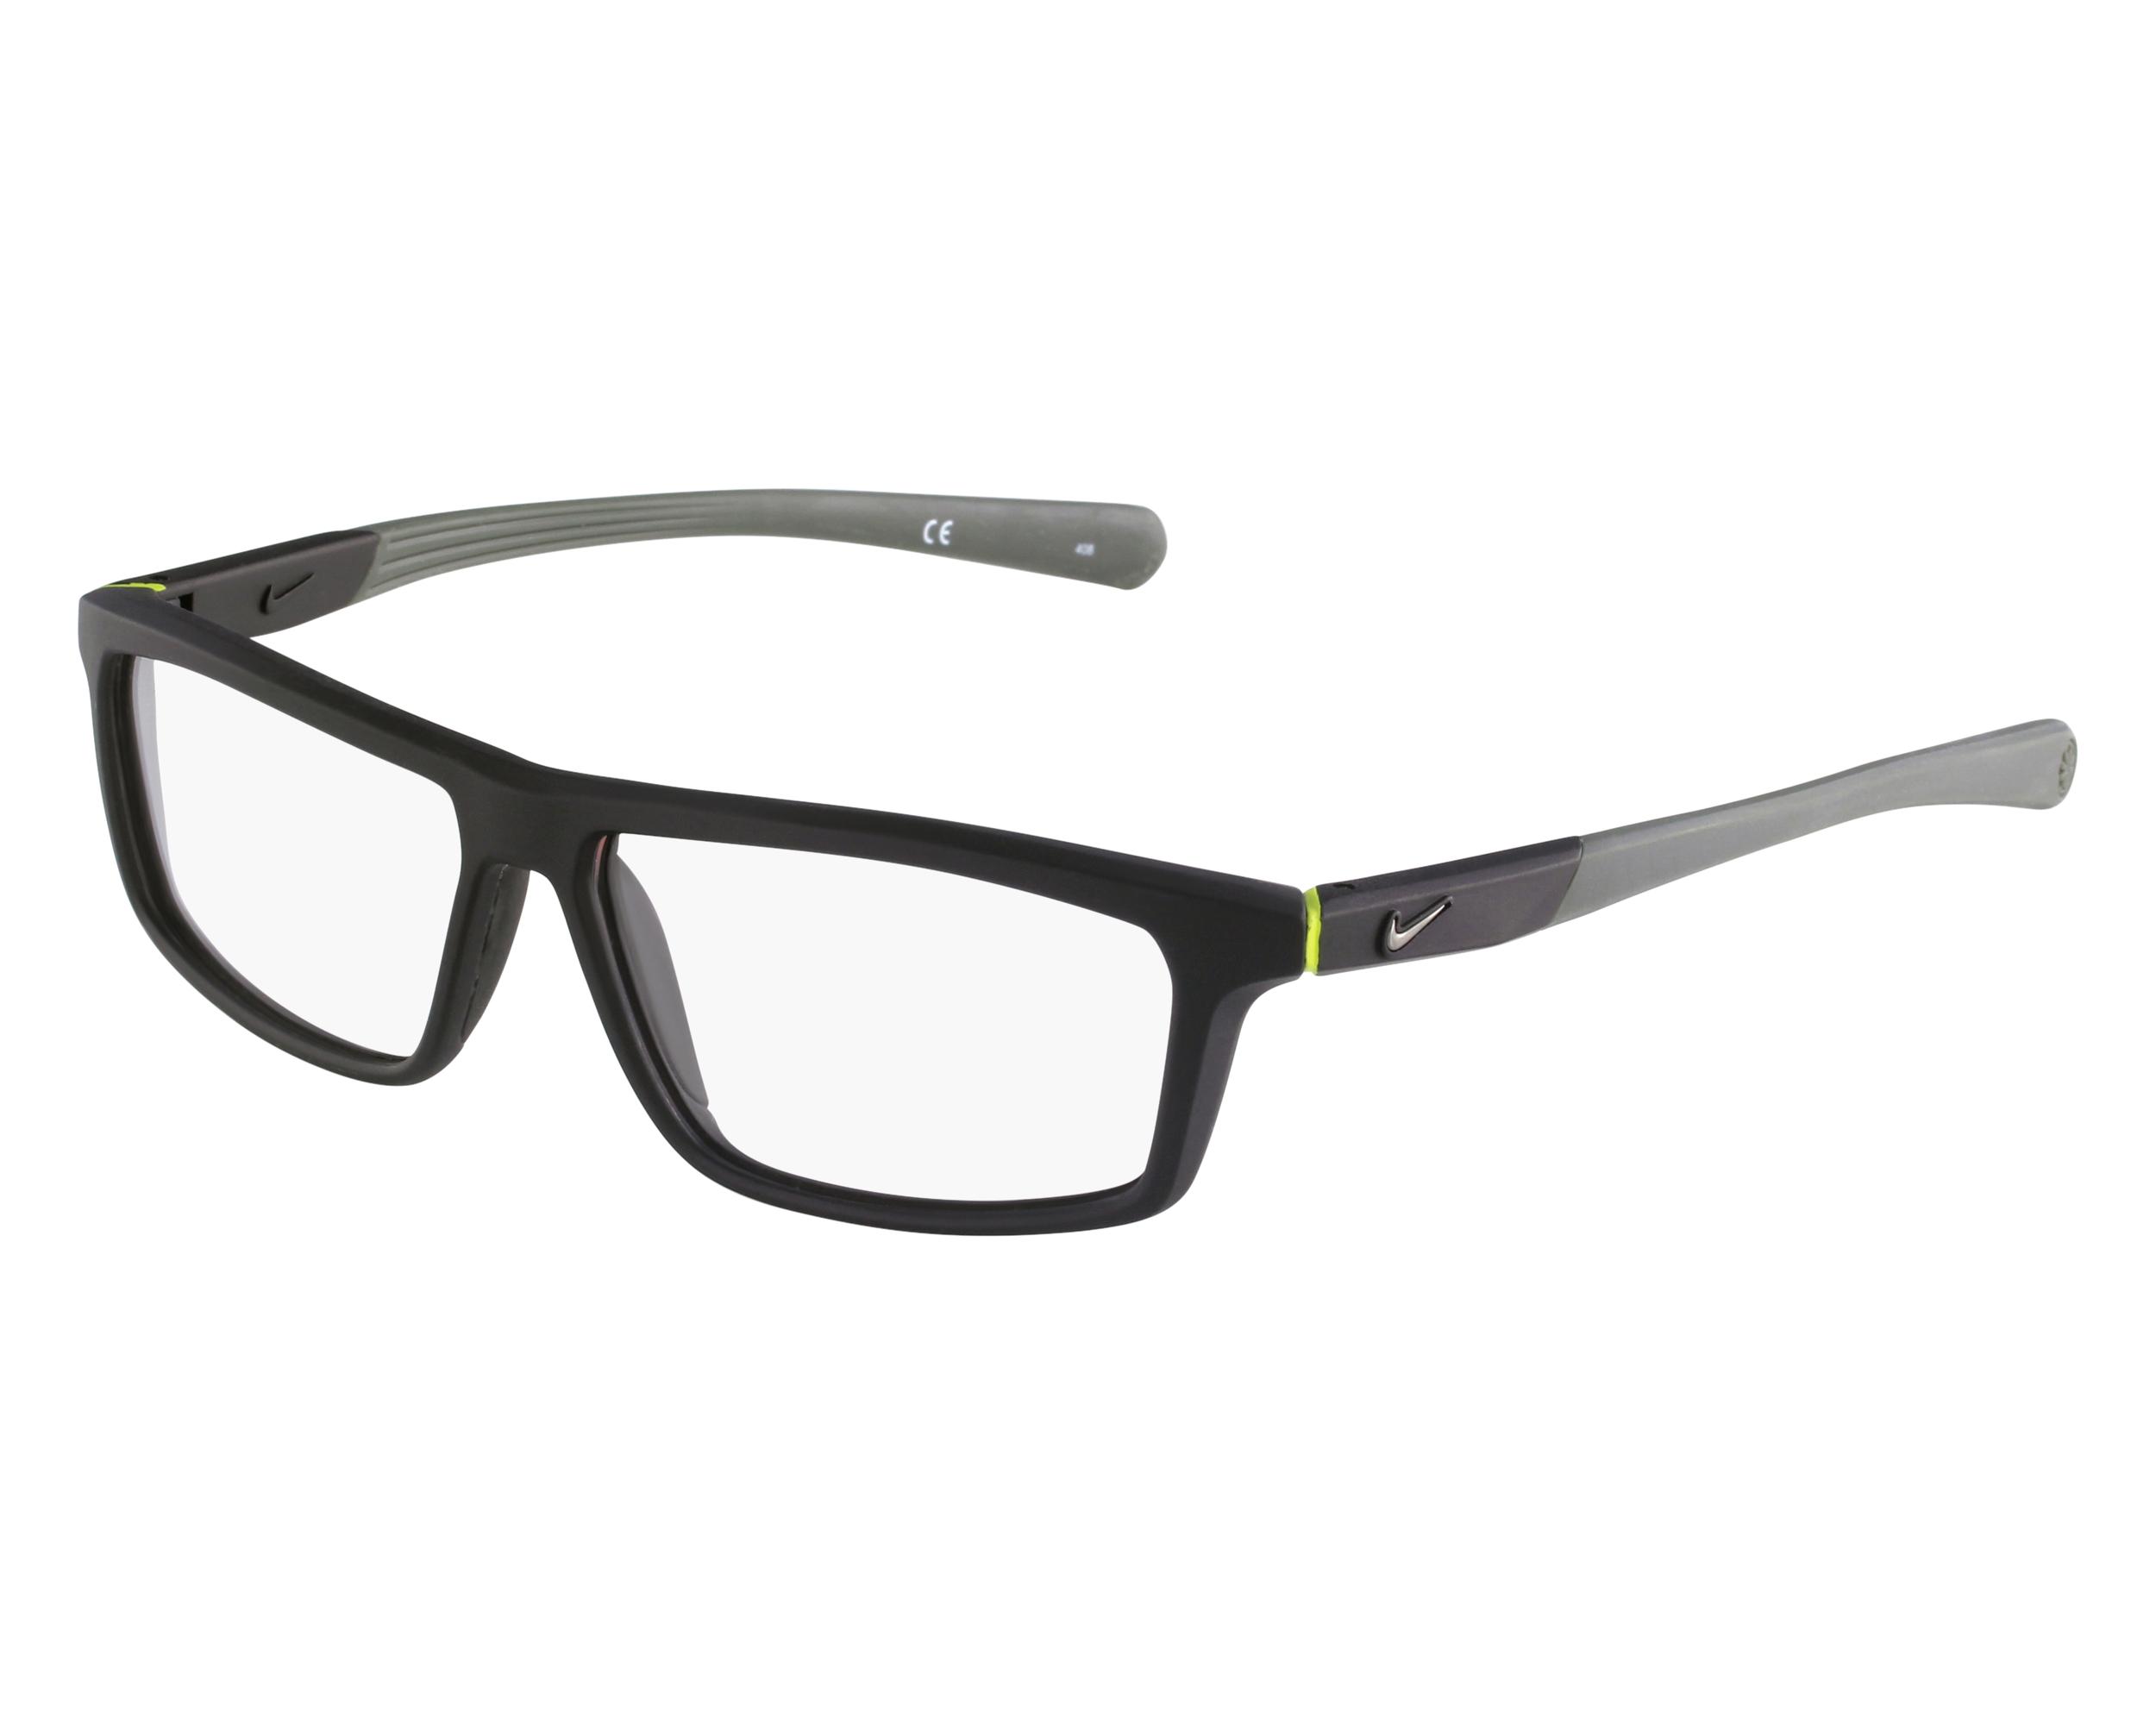 Dispuesto Encarnar Estúpido  gafas de ver nike Nike online – Compra productos Nike baratos